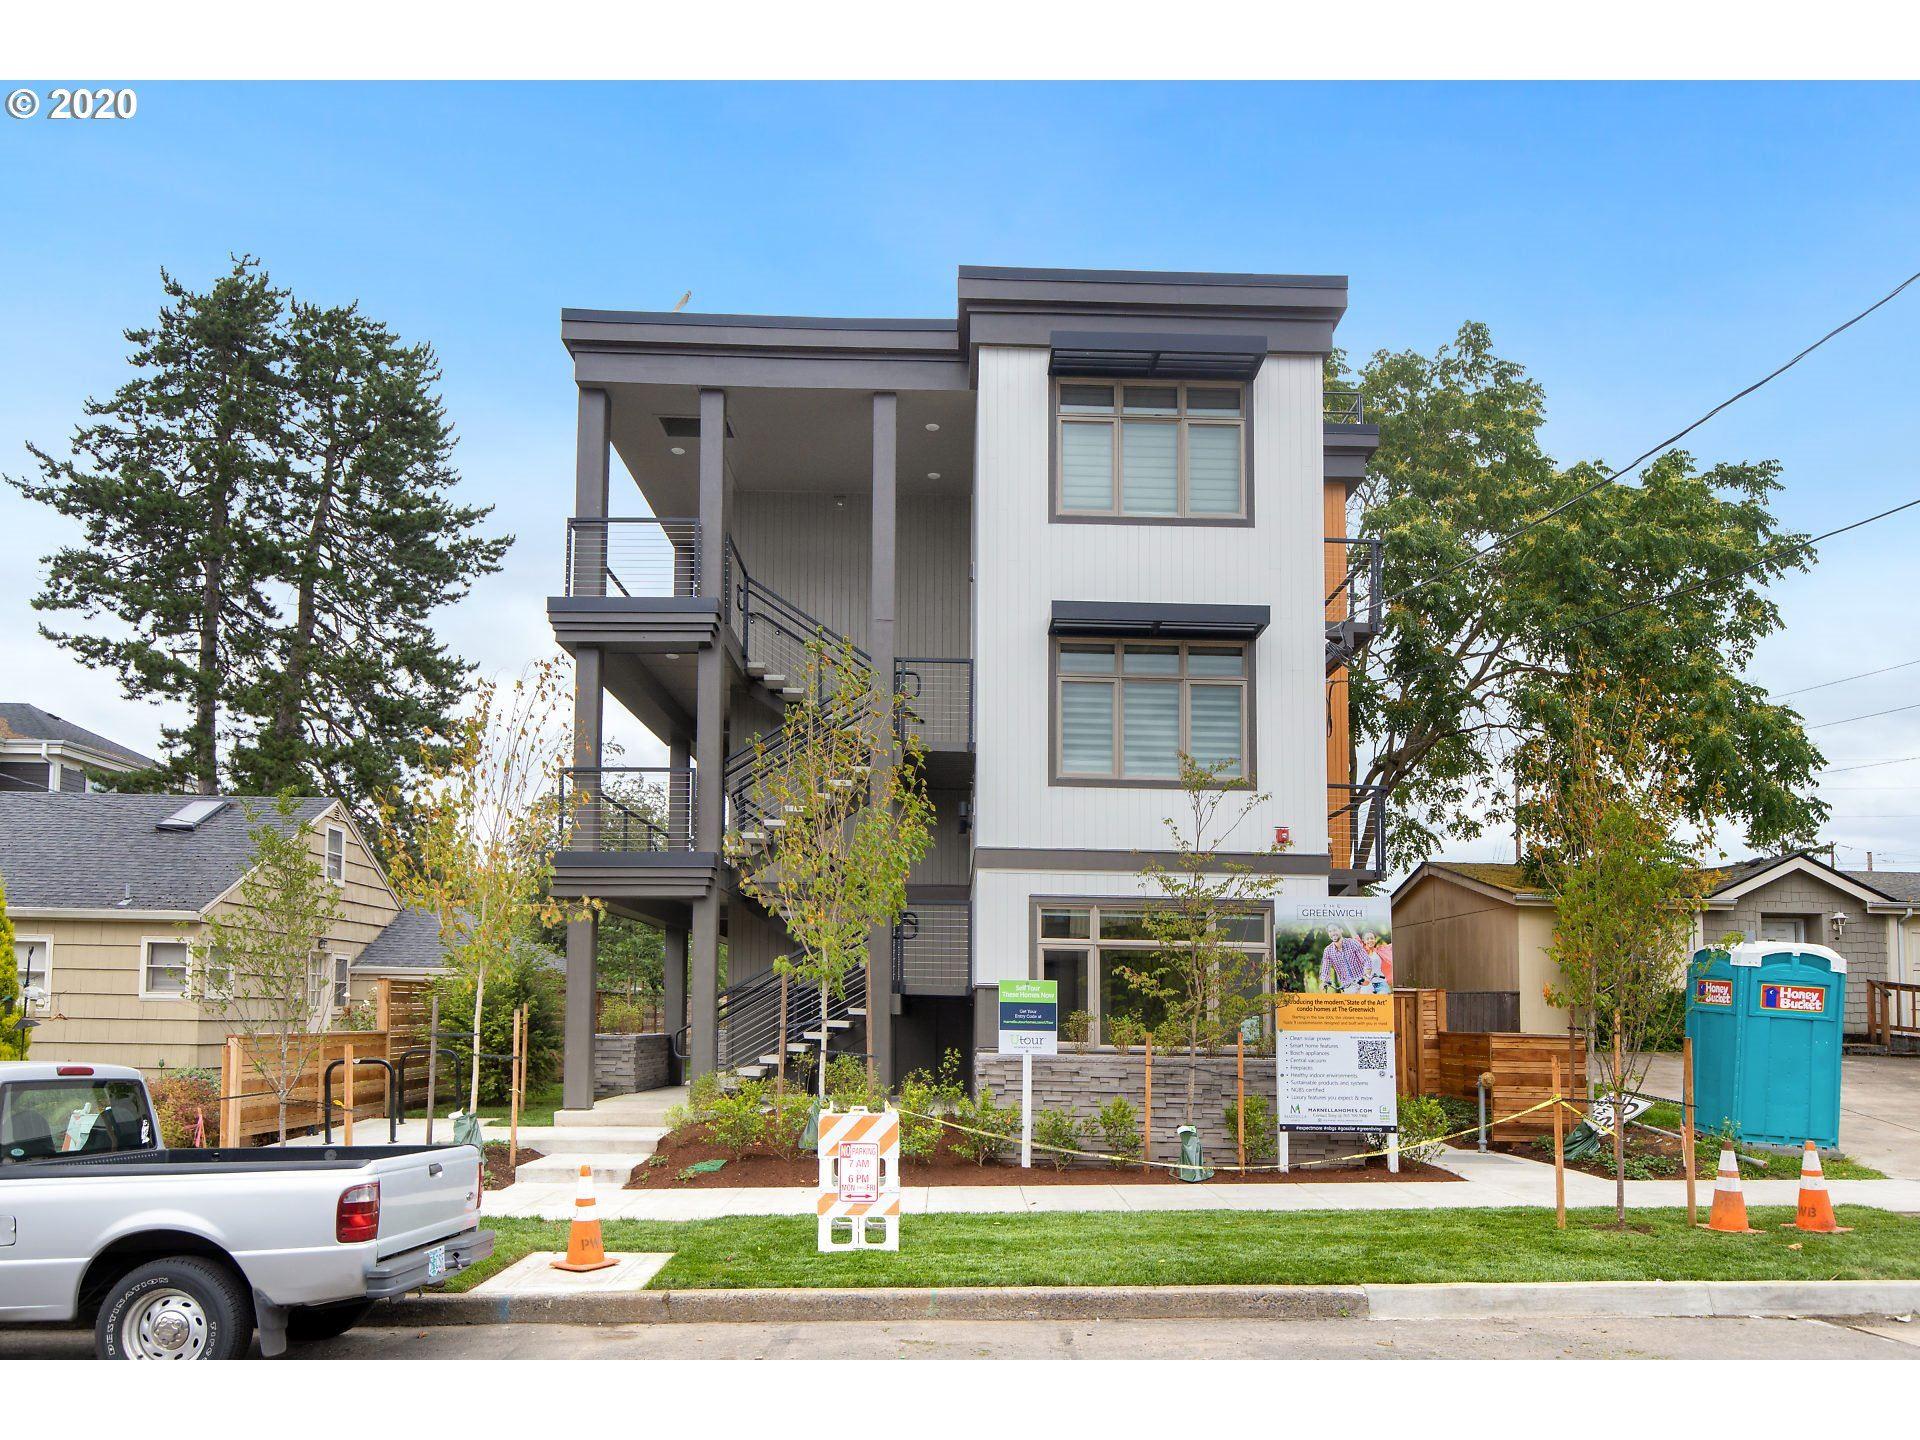 6822 N Greenwich #204, Portland, OR 97217 - MLS#: 20609709